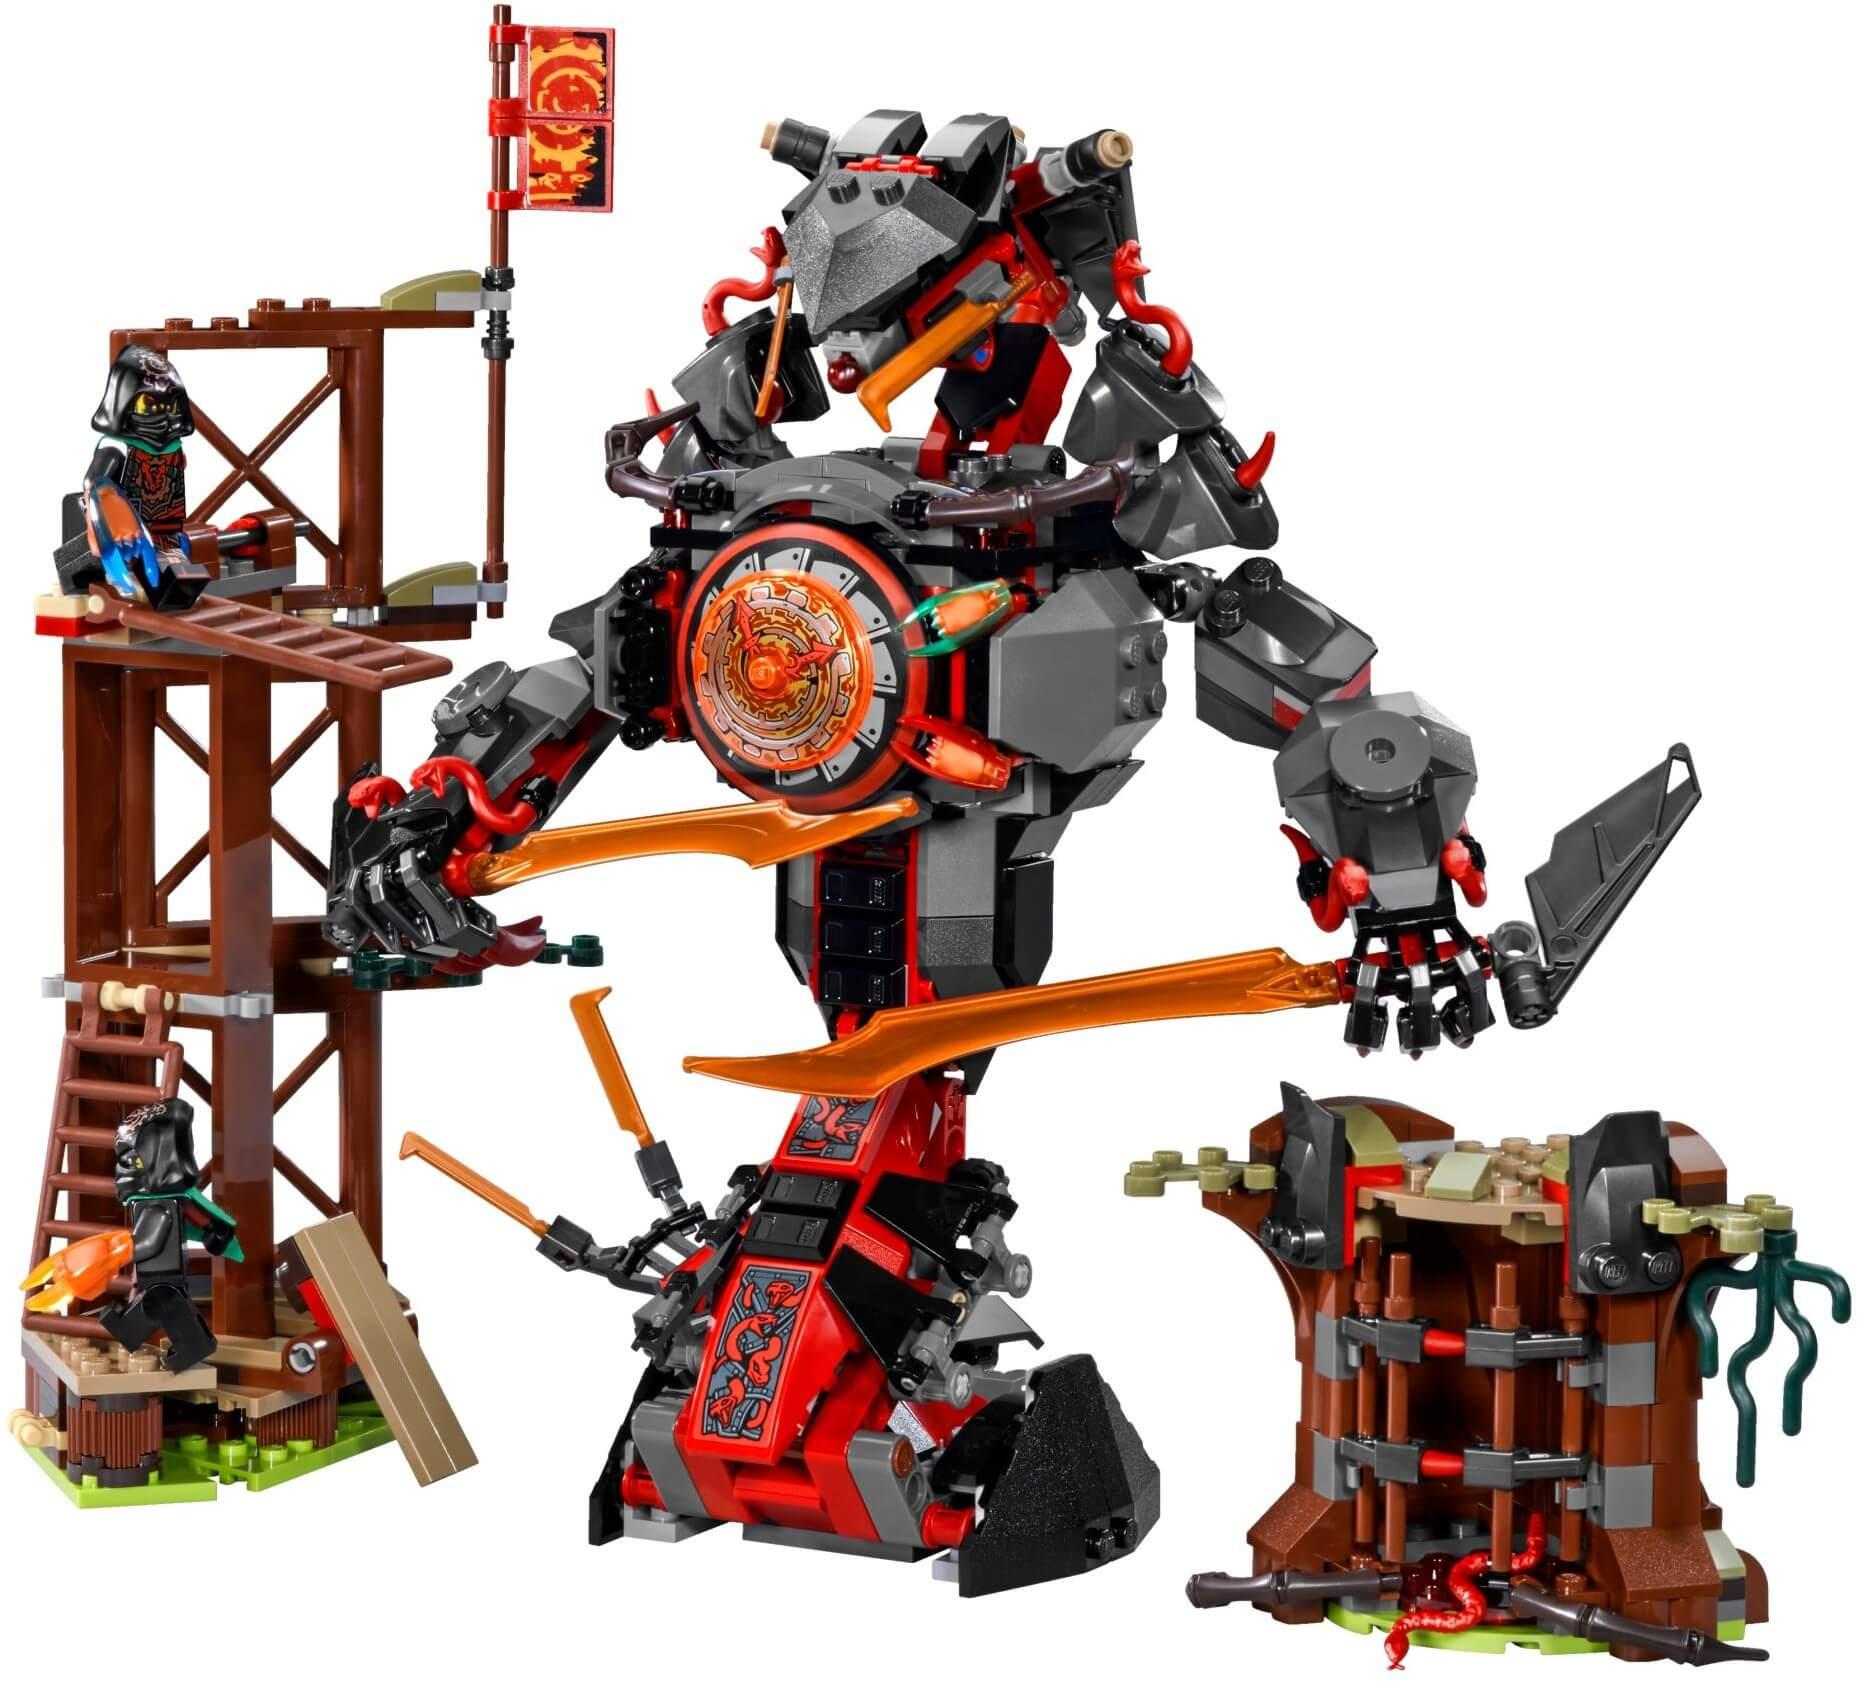 Mua đồ chơi LEGO 70626 - LEGO Ninjago 70626 - Quái Vật Rắn Khổng Lồ đại chiến (LEGO 70626 Dawn of Iron Doom)